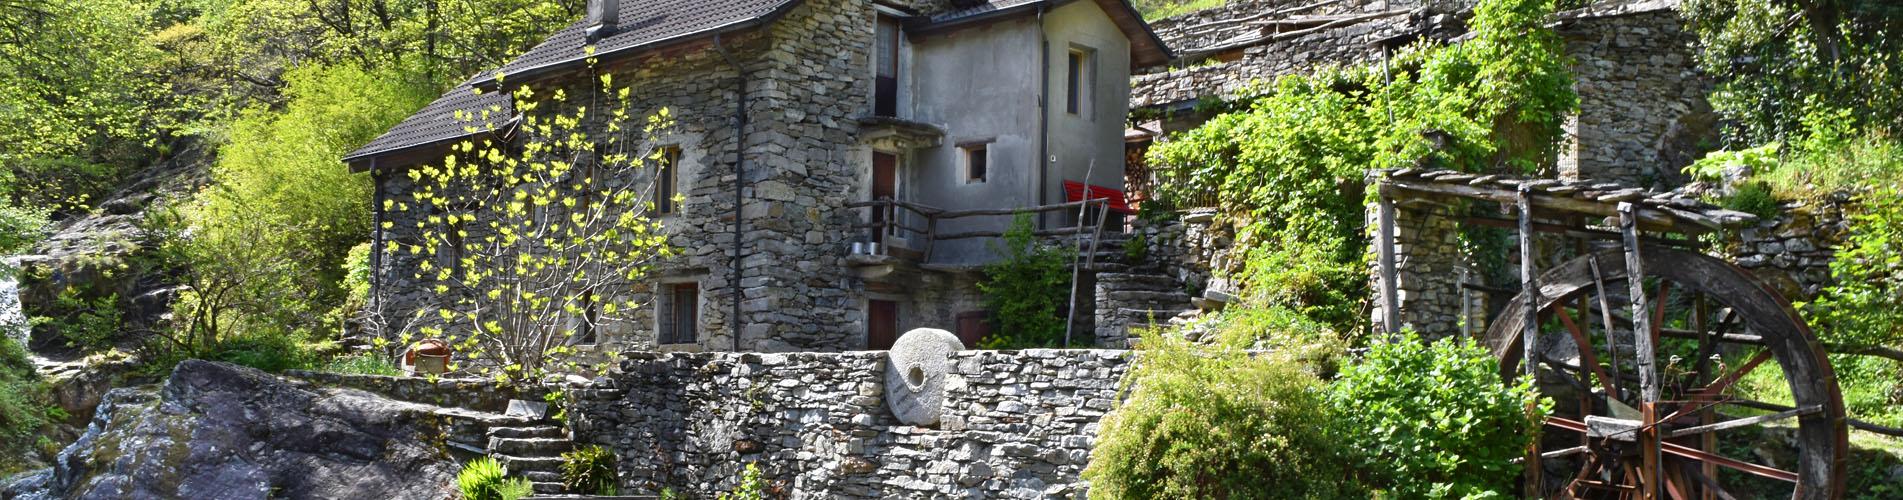 Wanderungen im Centovalli, Tessin – Jetzt geht's los auf die schönsten Wanderwege im Centovalli.